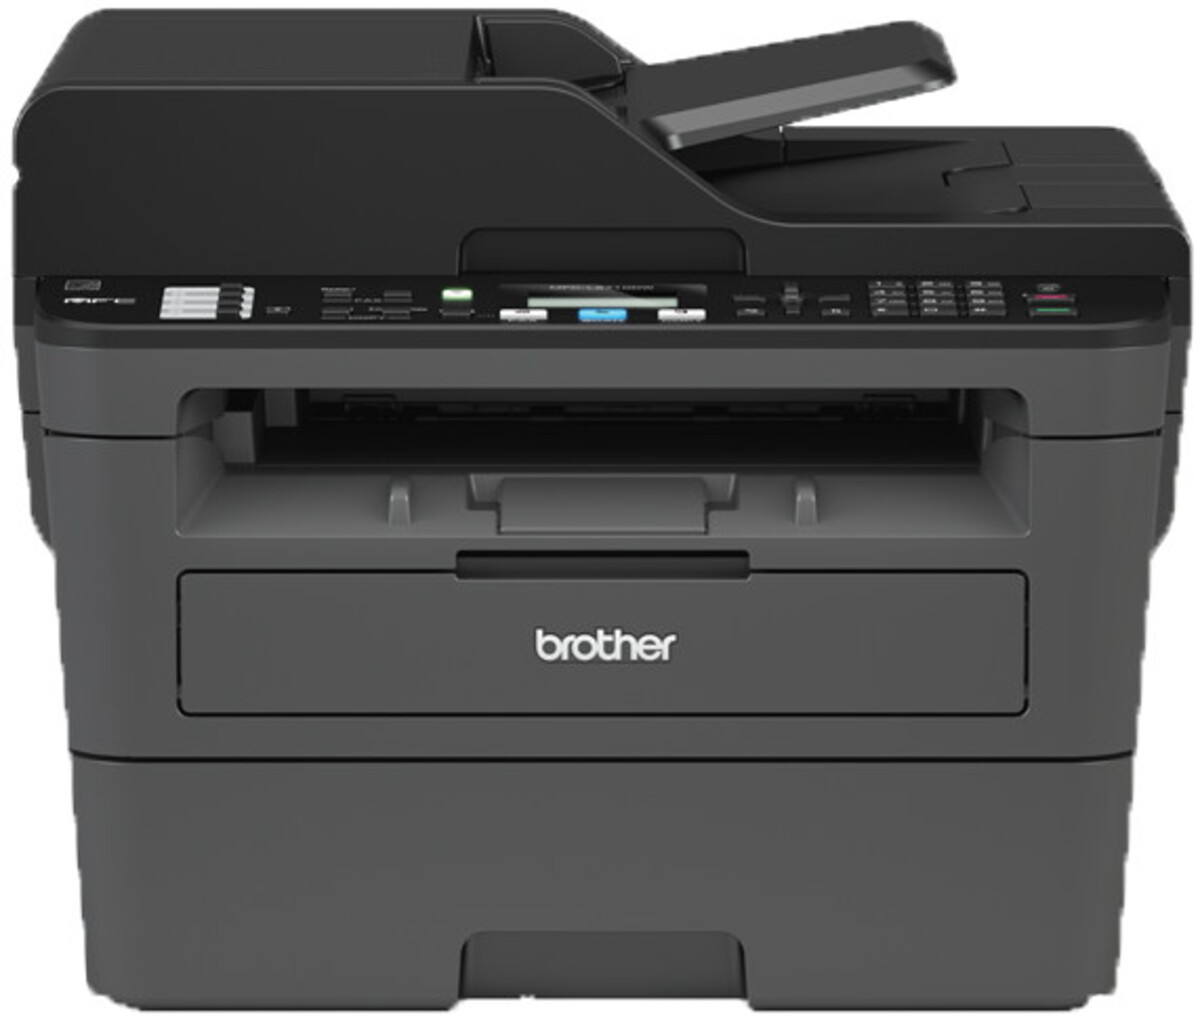 Bild 1 von BROTHER MFC-L2710DW schwarz Multifunktionsdrucker (Schwarzweiß-Laserdrucker, 4-in-1, Scanner, Kopierer, Fax, WLAN, LAN, USB 2.0, Duplex, MFCL2710DWG1)